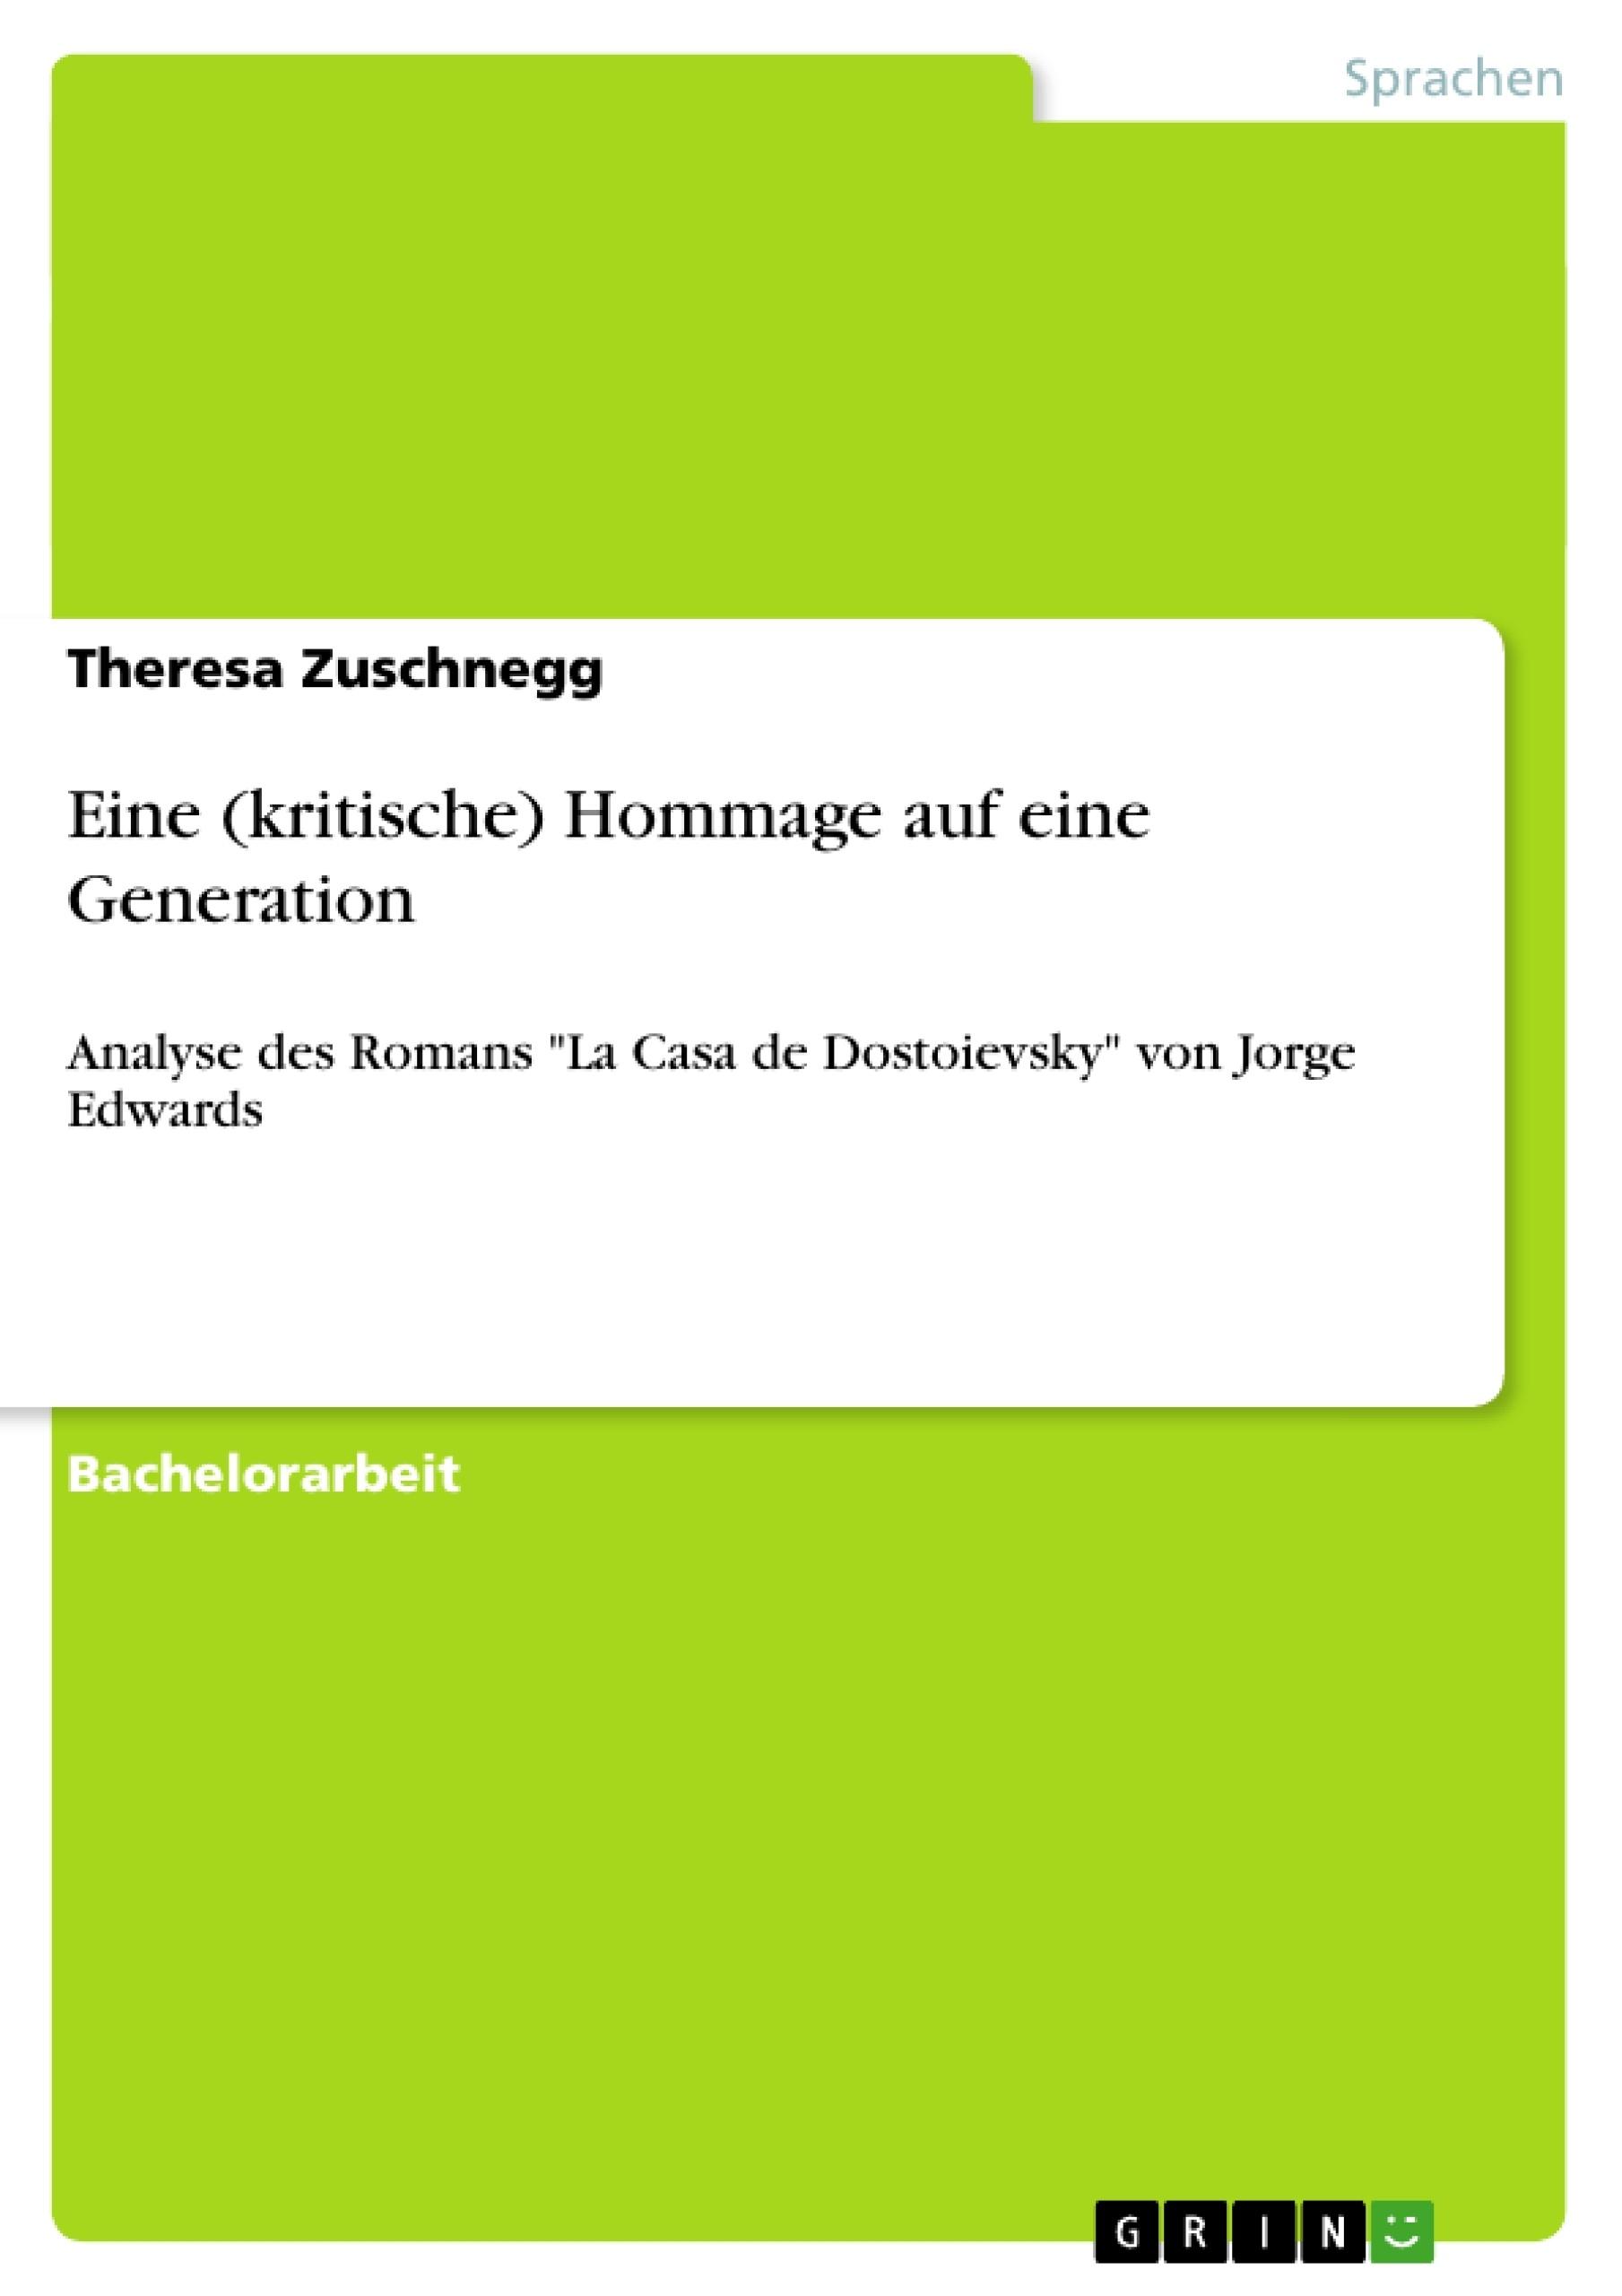 Titel: Eine (kritische) Hommage auf eine Generation